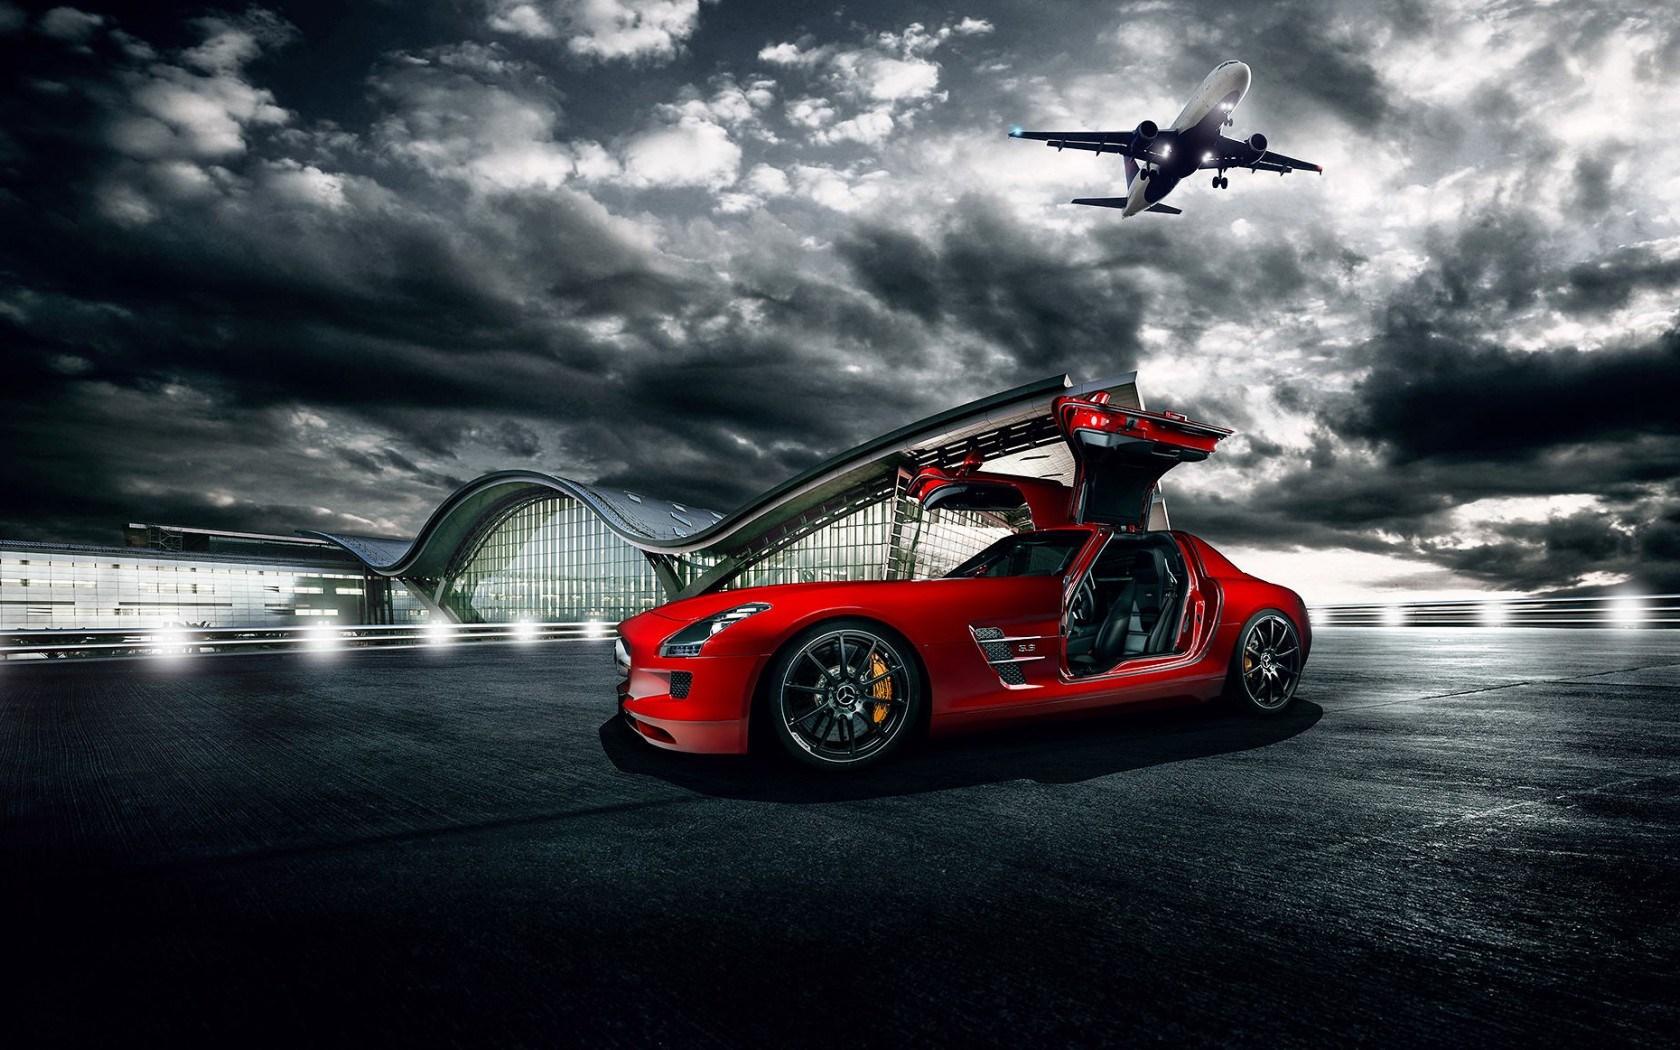 Mercedes-Benz SLS AMG Car Aircraft